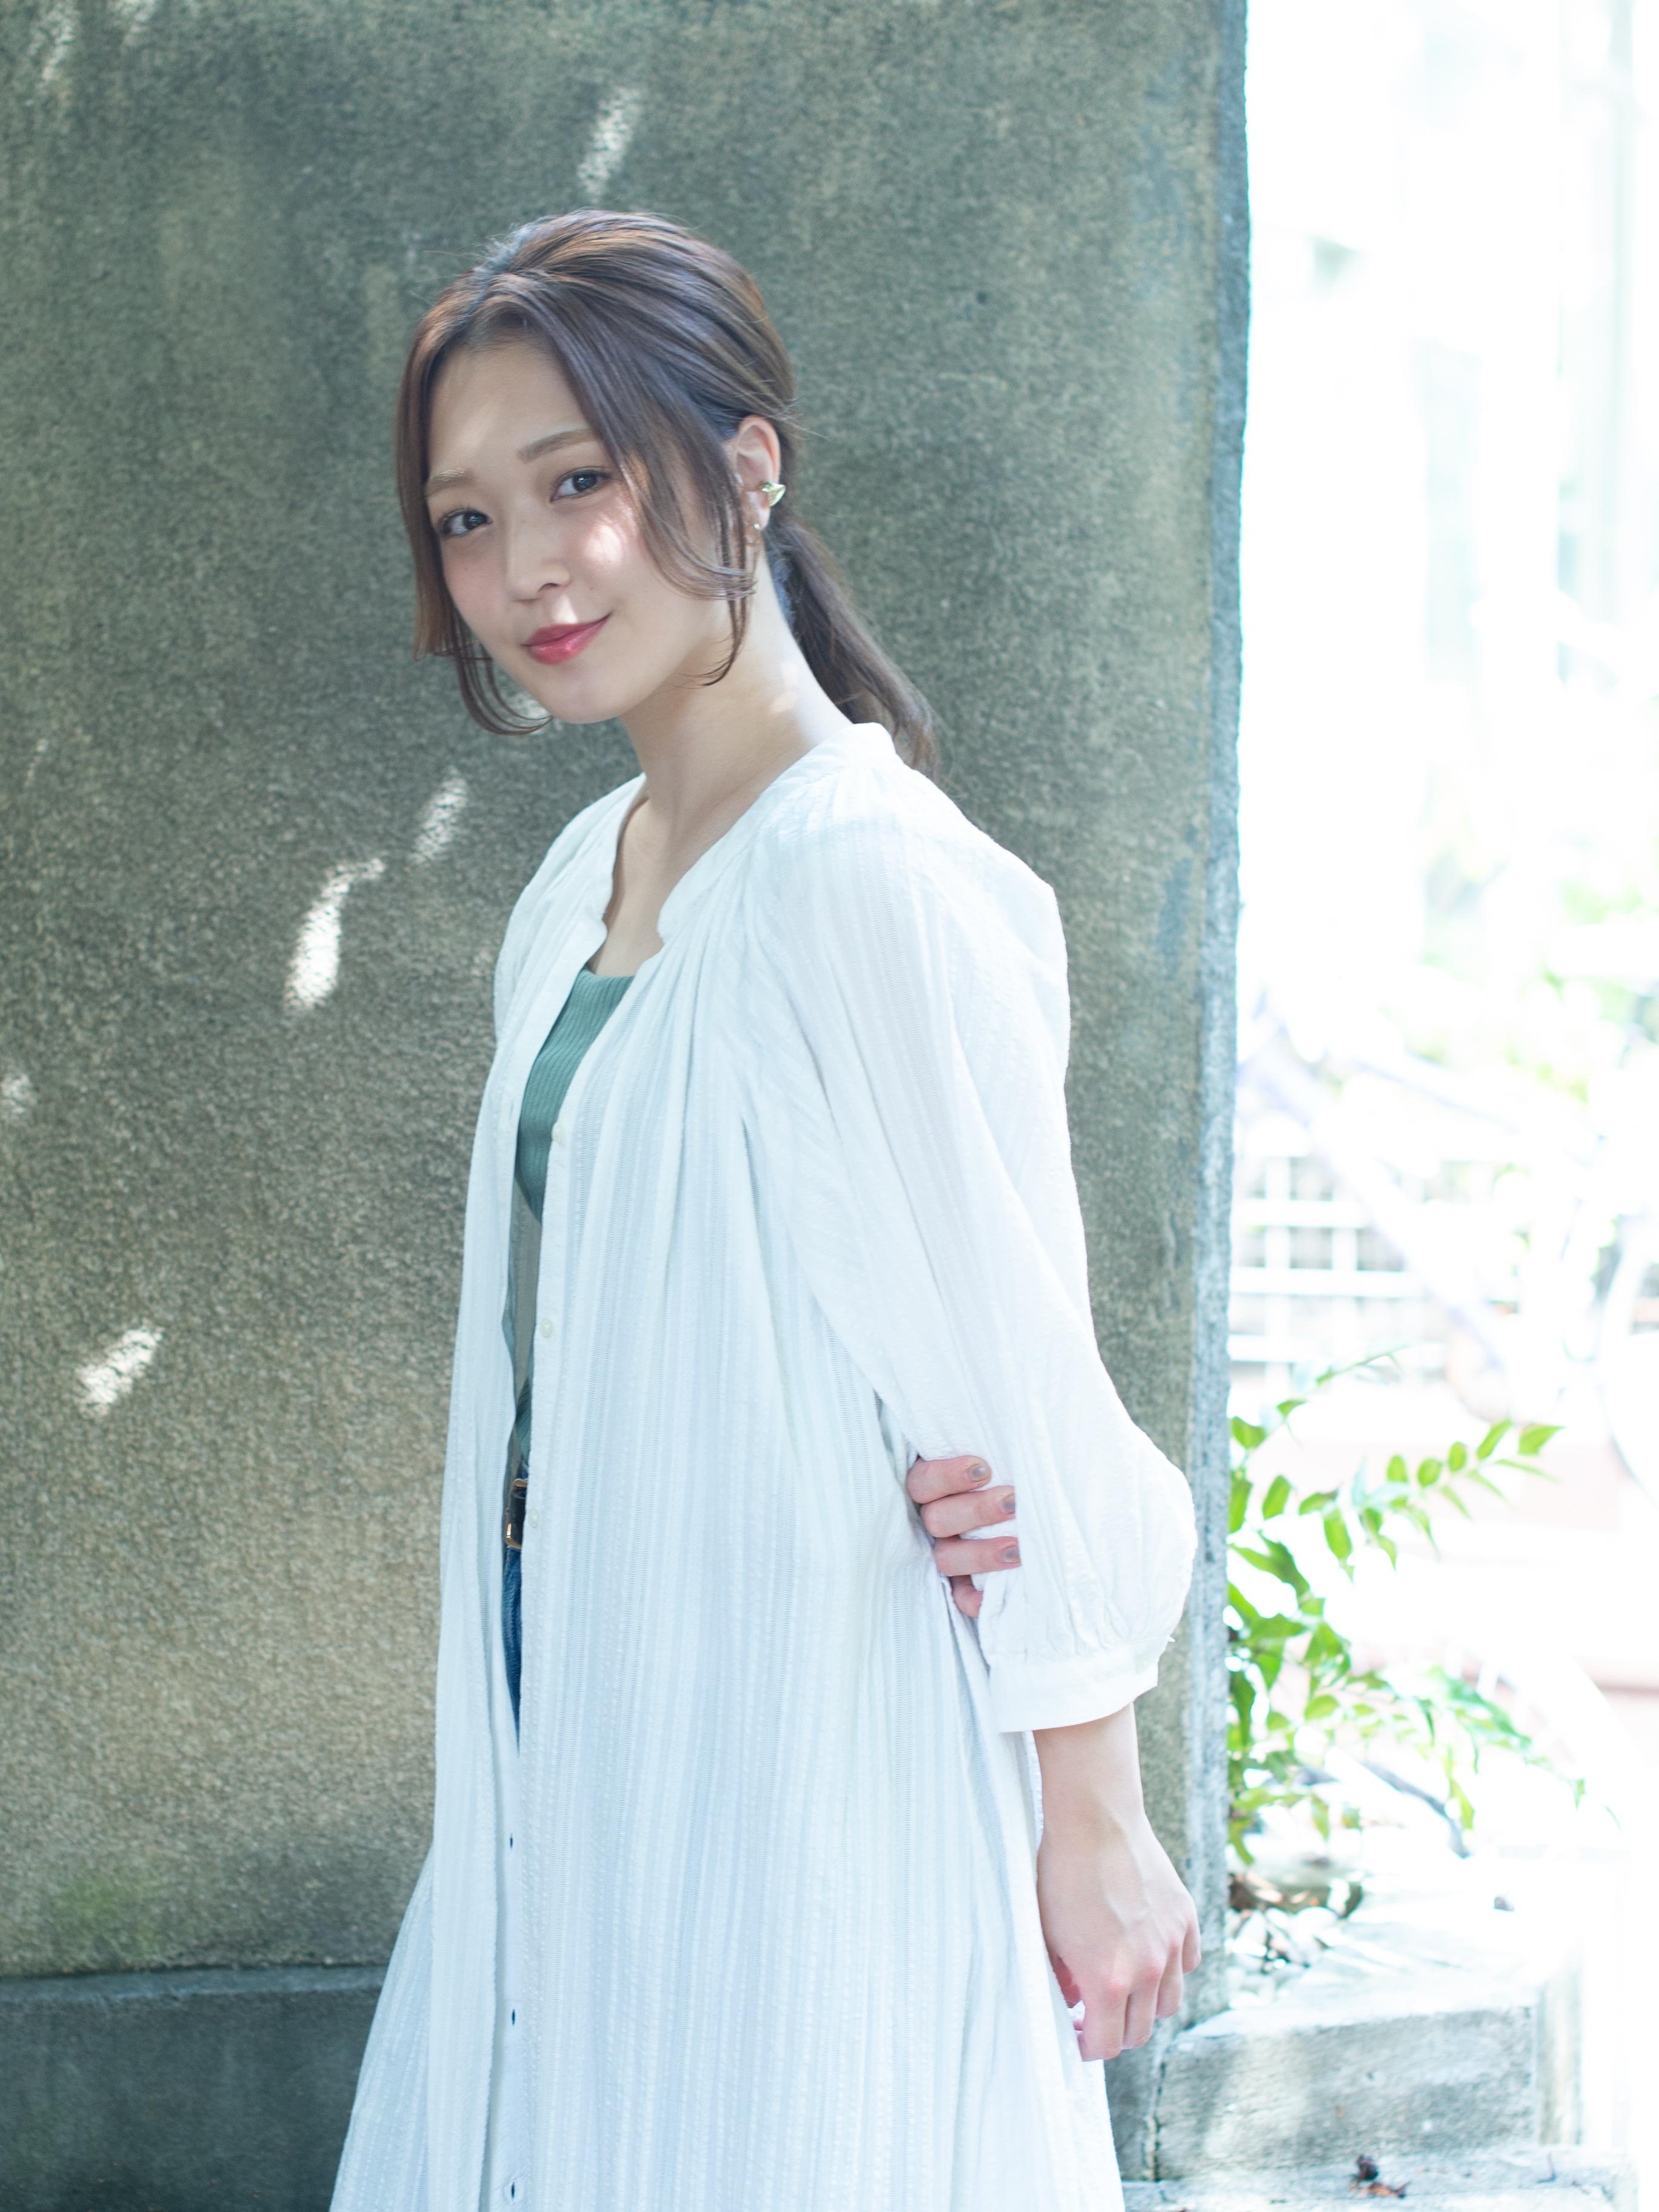 ASUKA TOGASHI